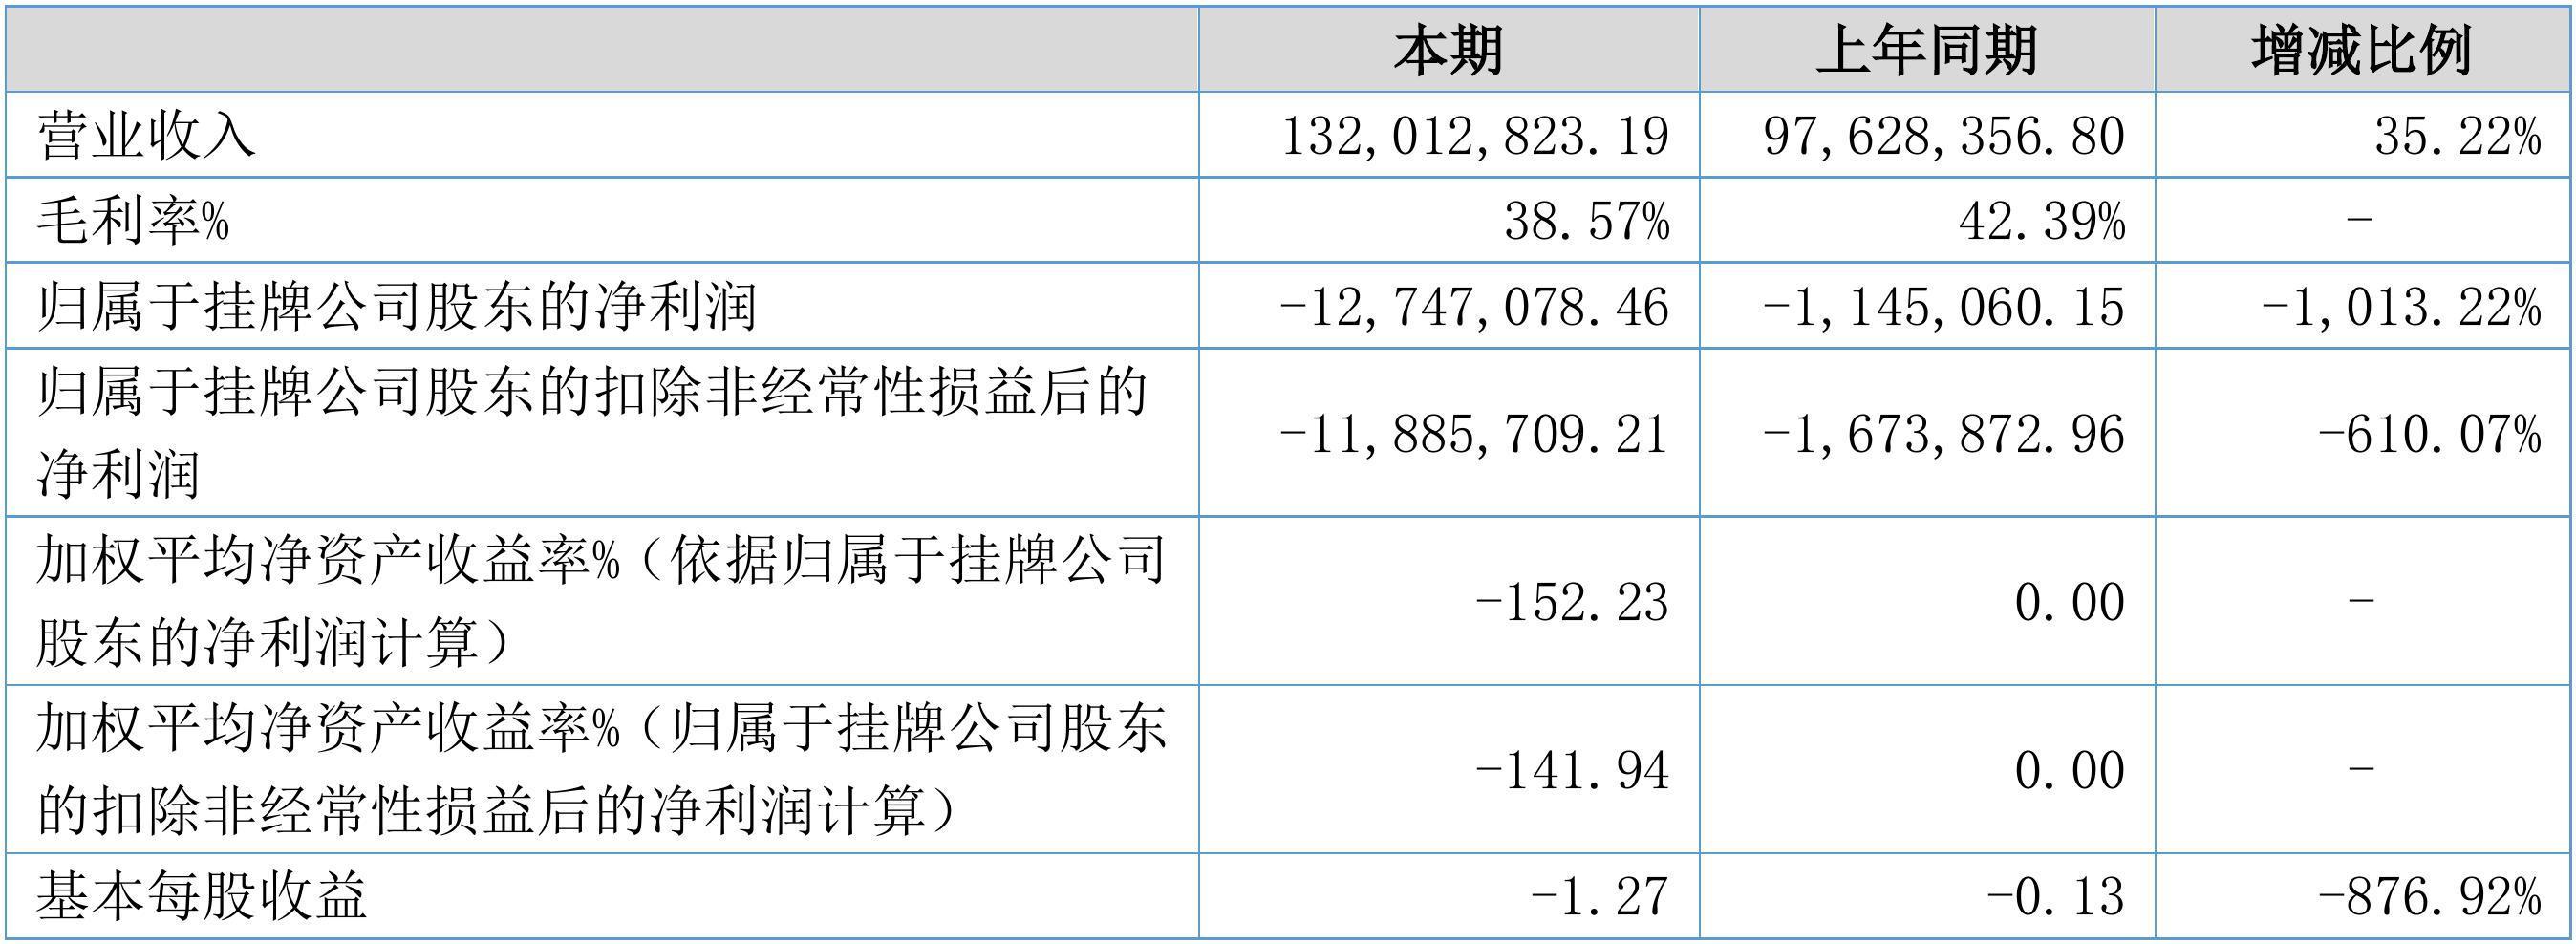 【财报季】关键词2017年度财报: 营收1.32亿元,净利润